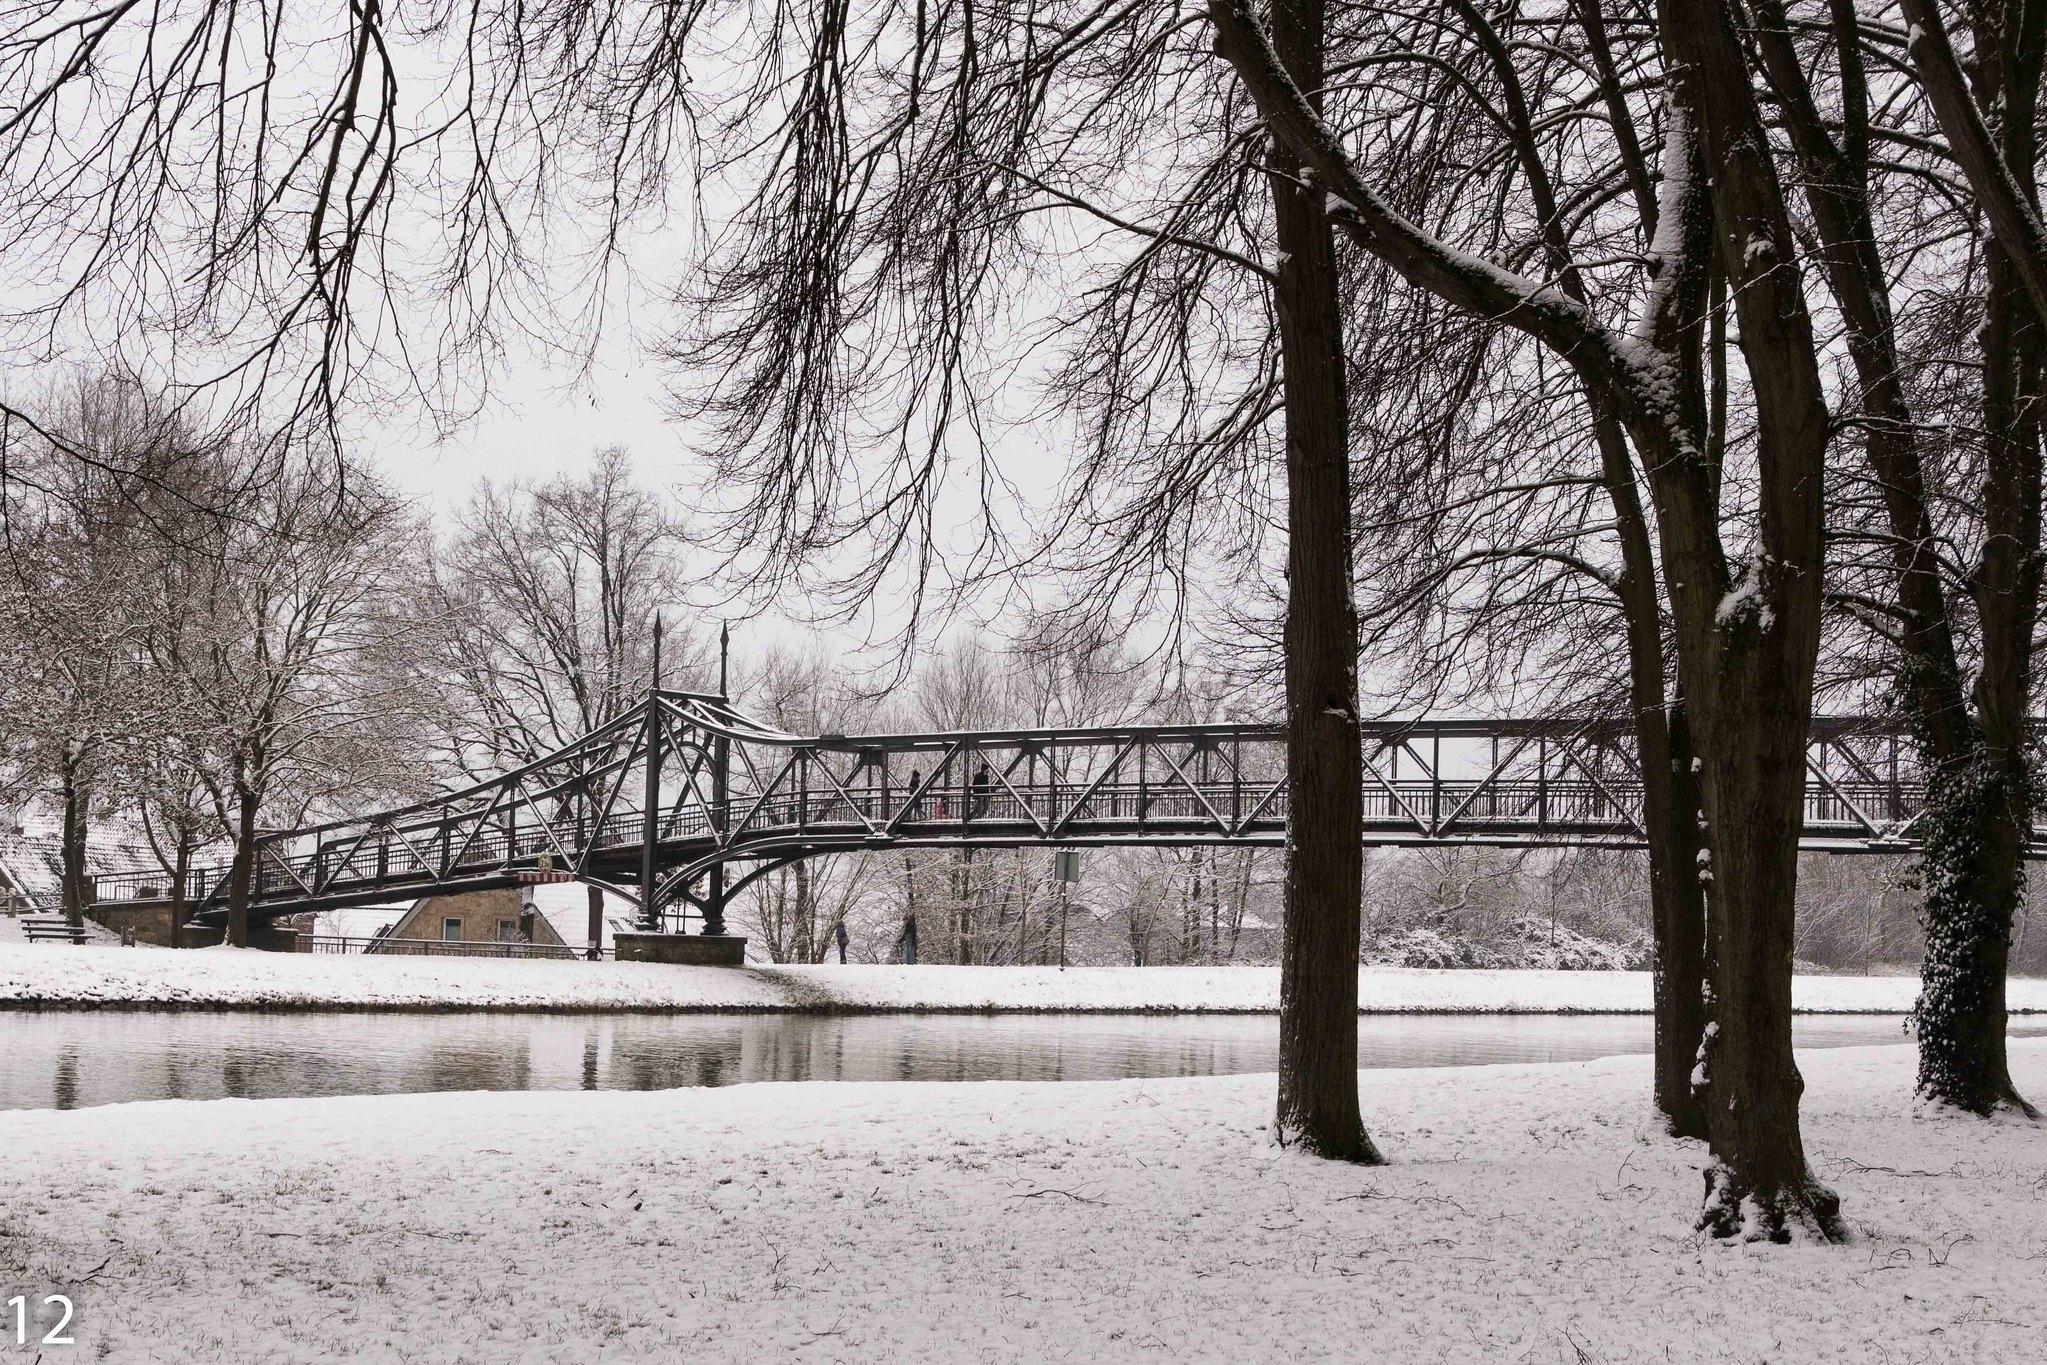 Winterlich_02-1_2021_011